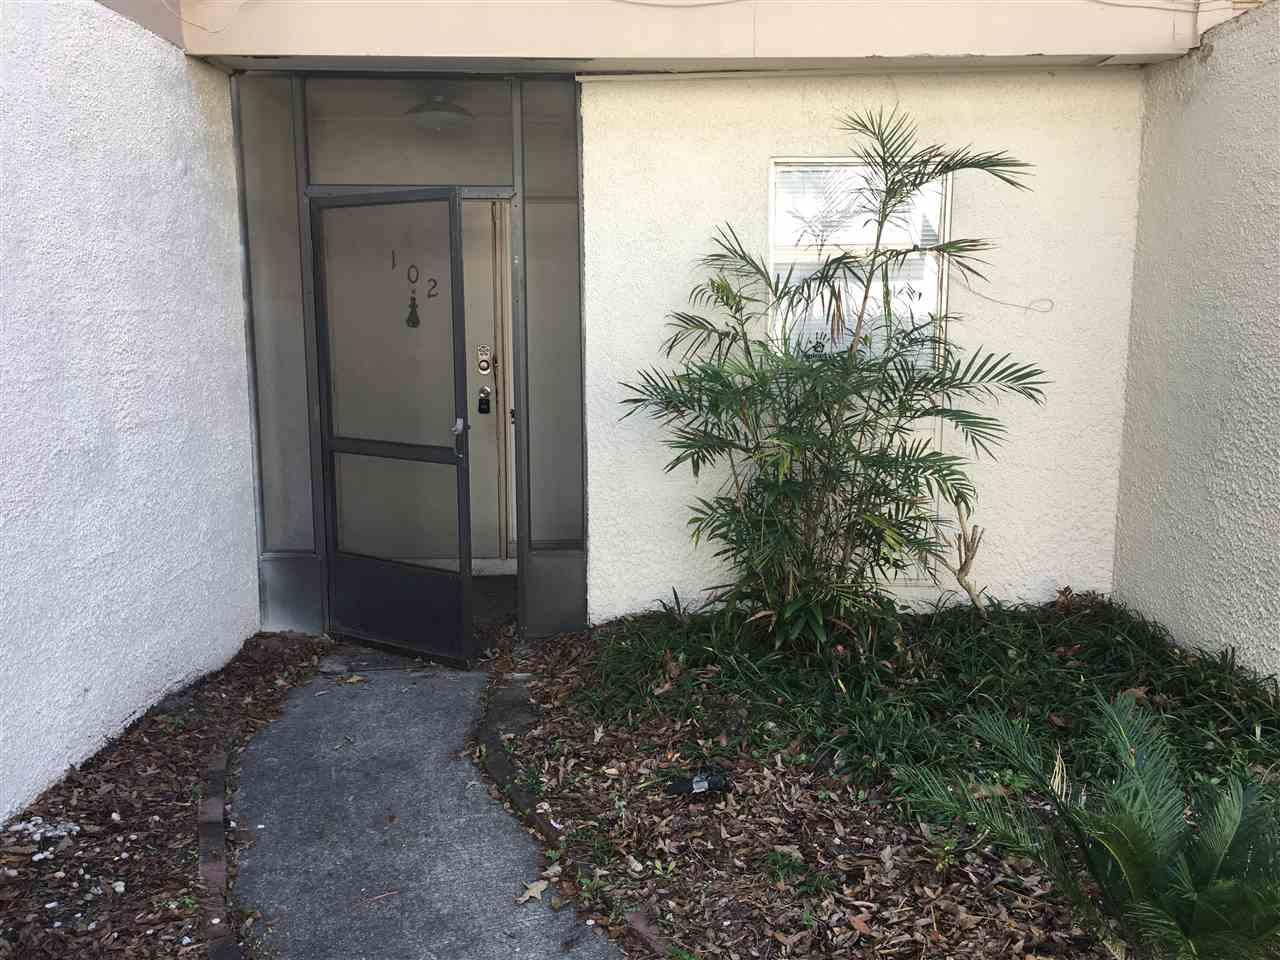 717 Sw 75th St # 102, Gainesville, FL 32607